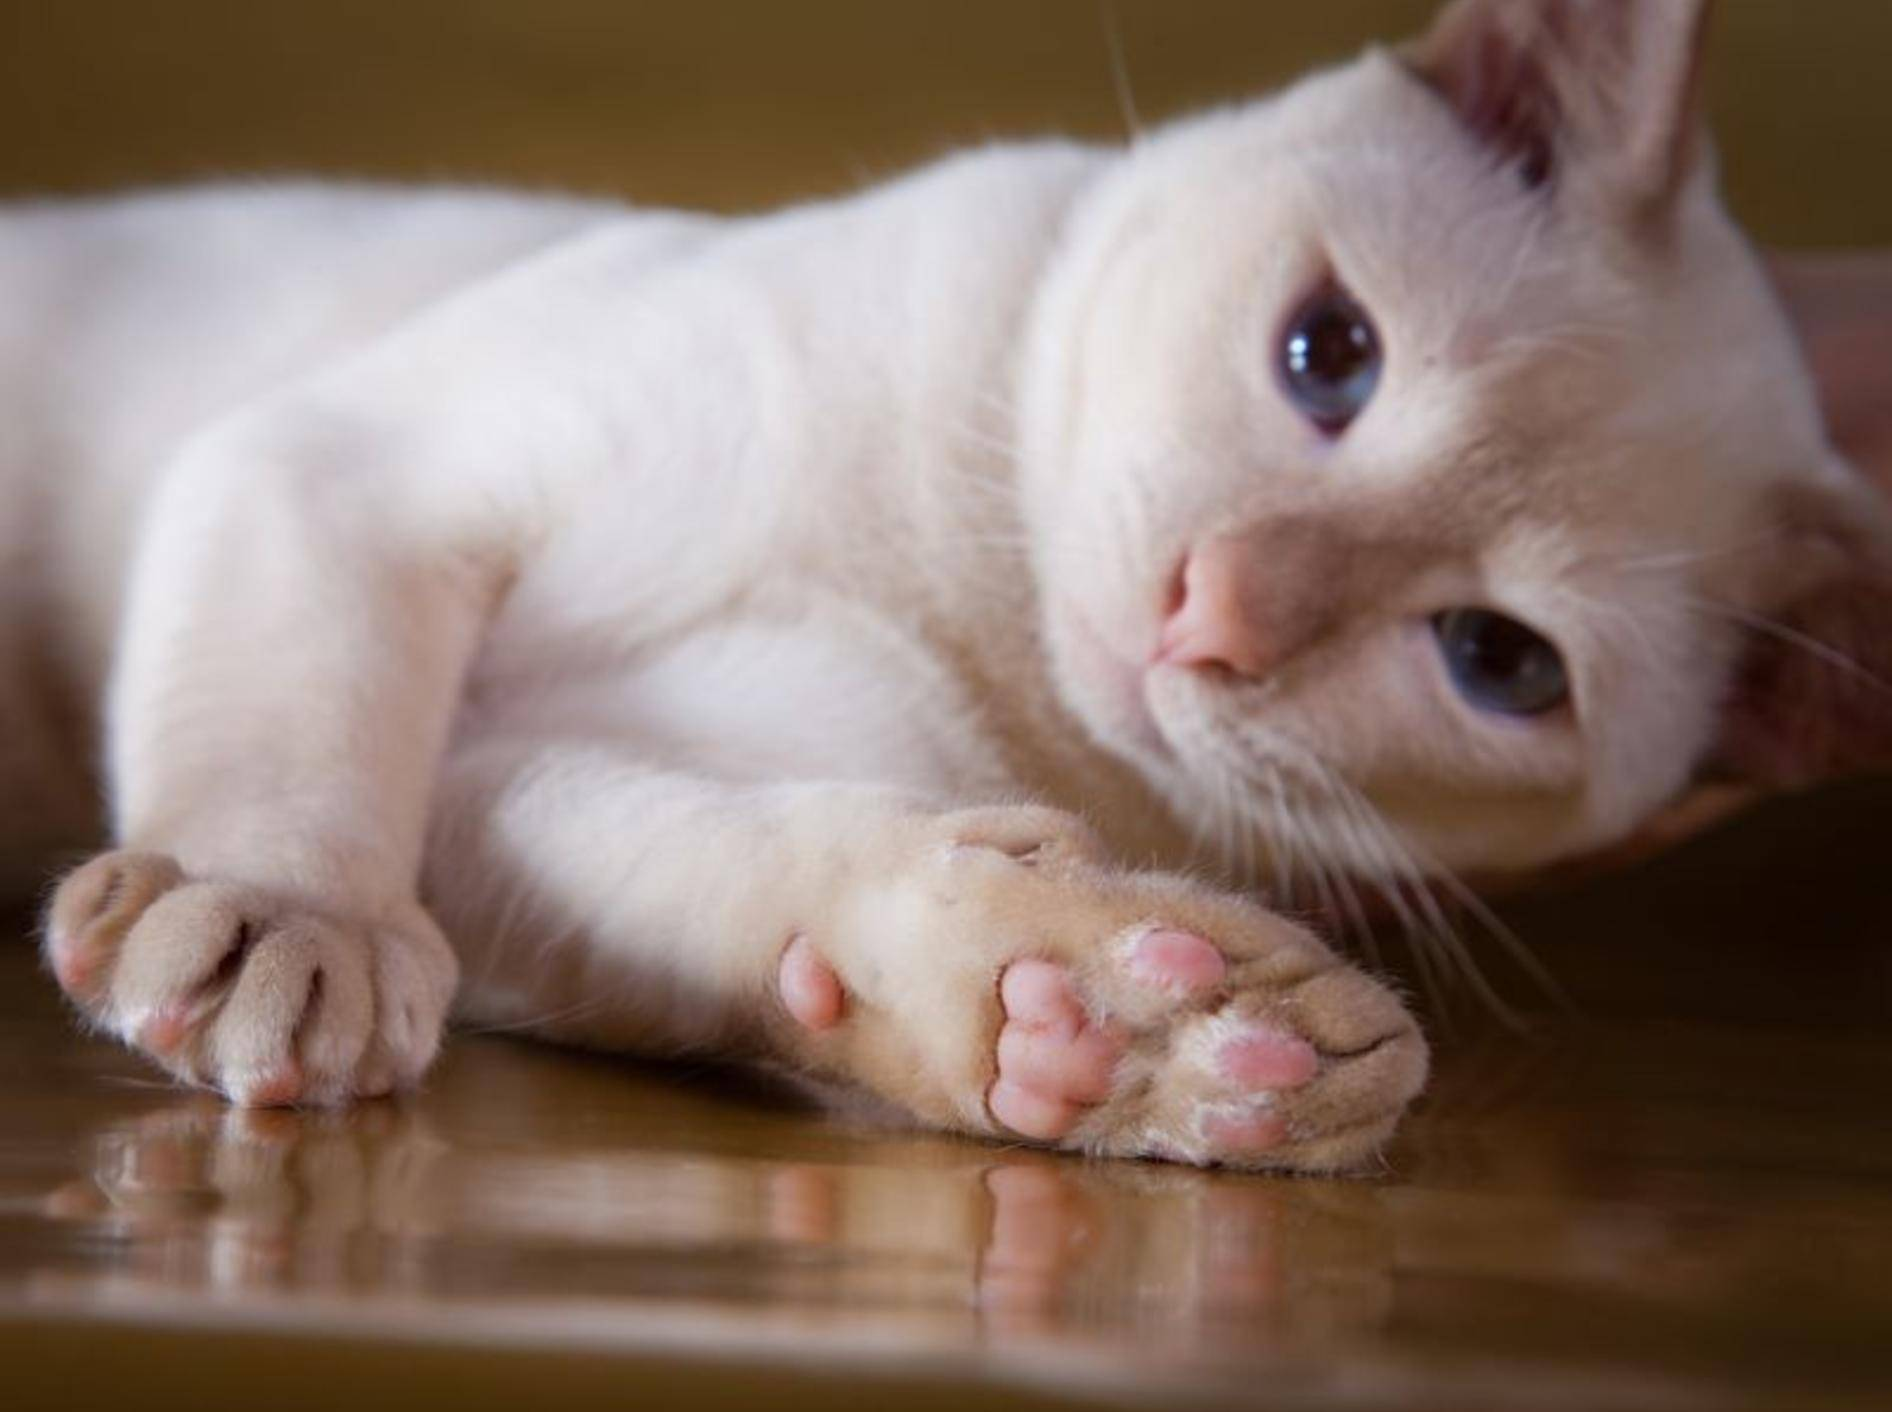 Die Tonkanese ist eine schöne, verspielte Katze – Bild: Shutterstock / dezi